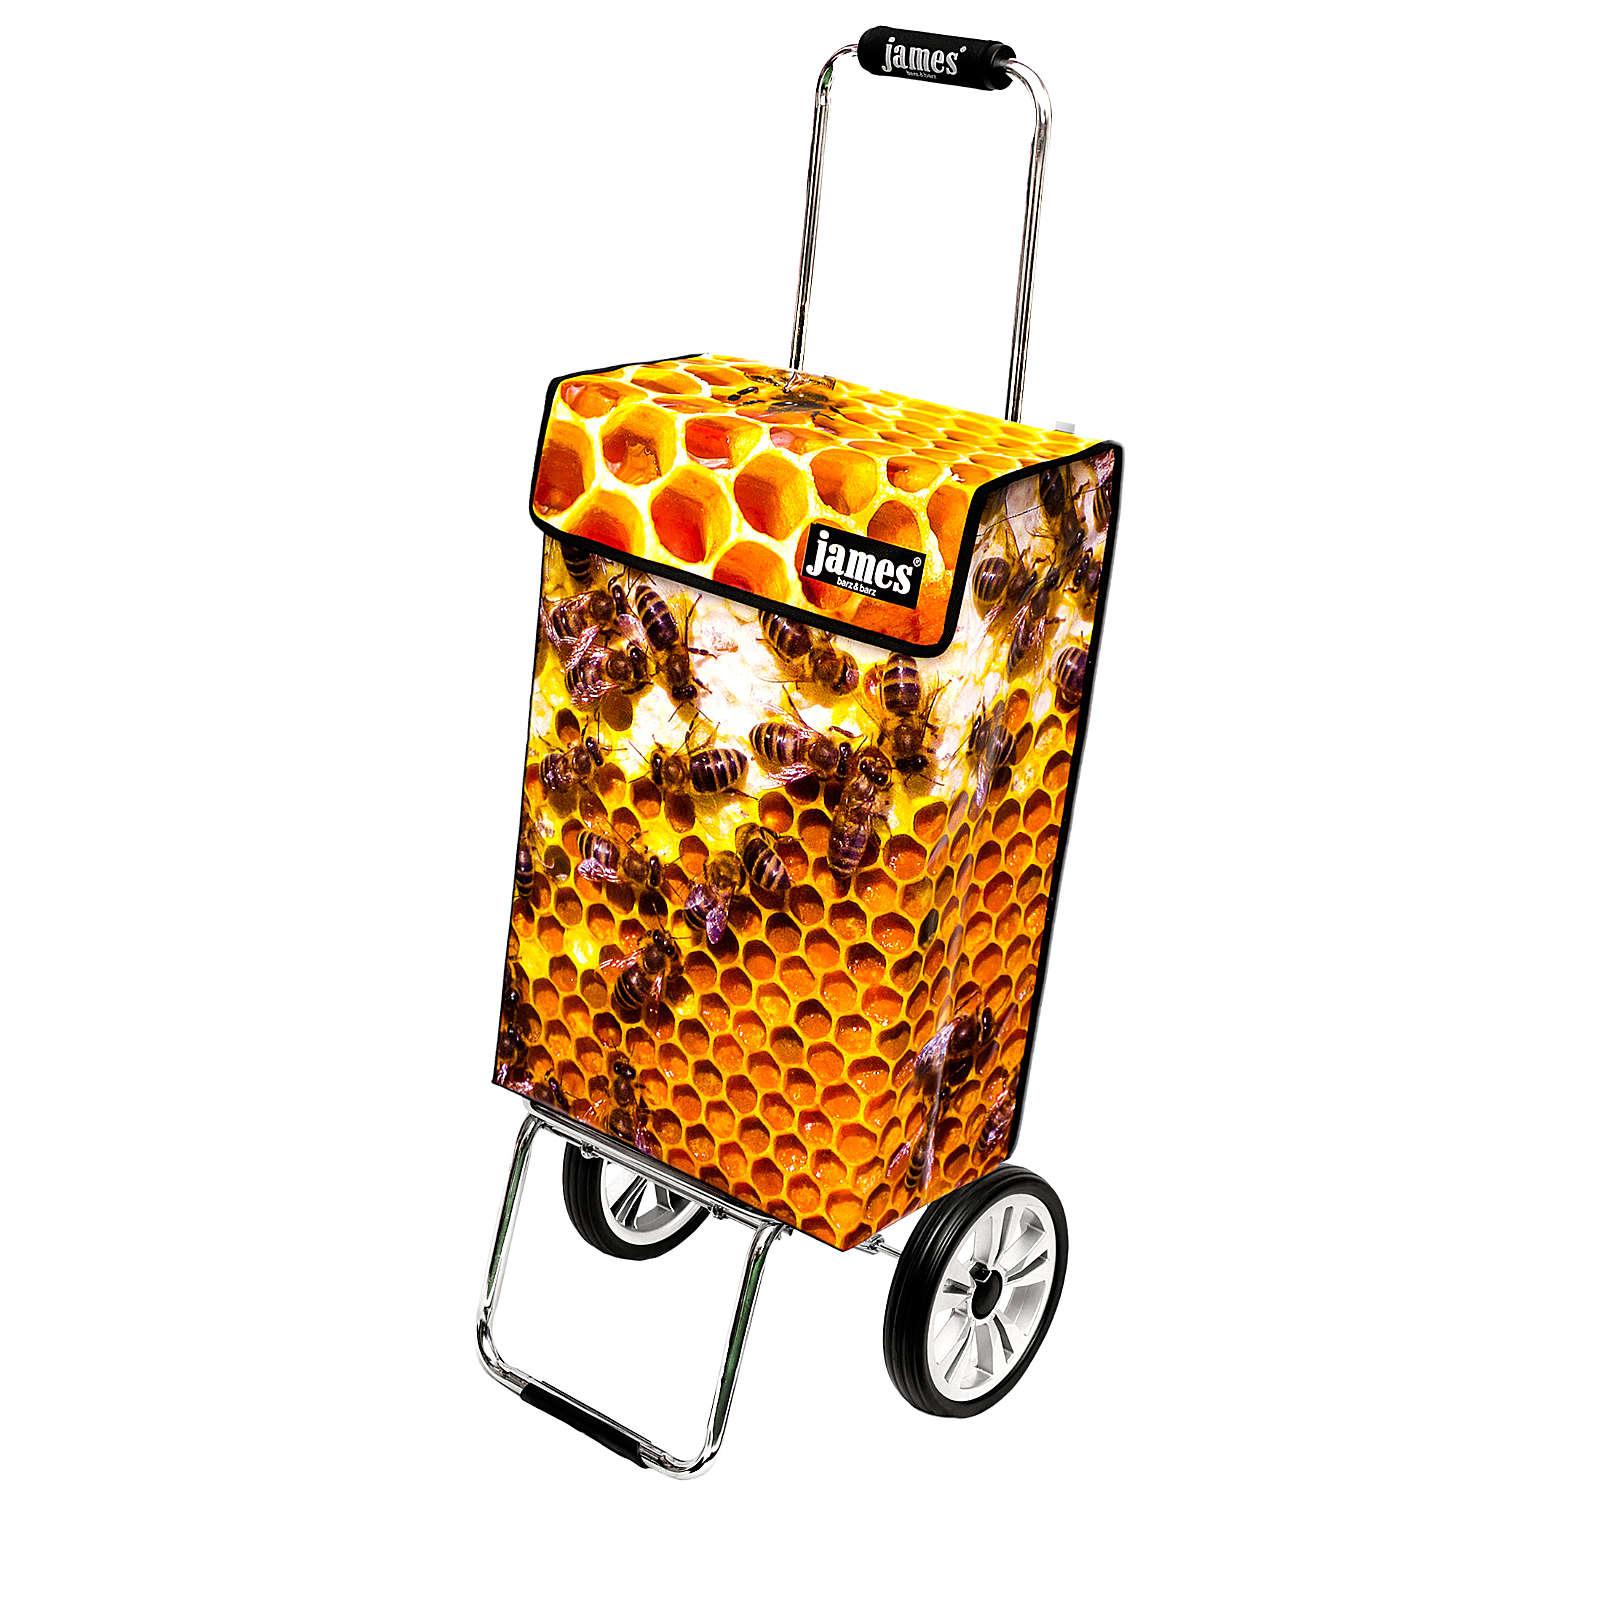 james® Design BEE deluxe 1beee1239900xa Einkaufstrolley Einkaufstrolleys braun